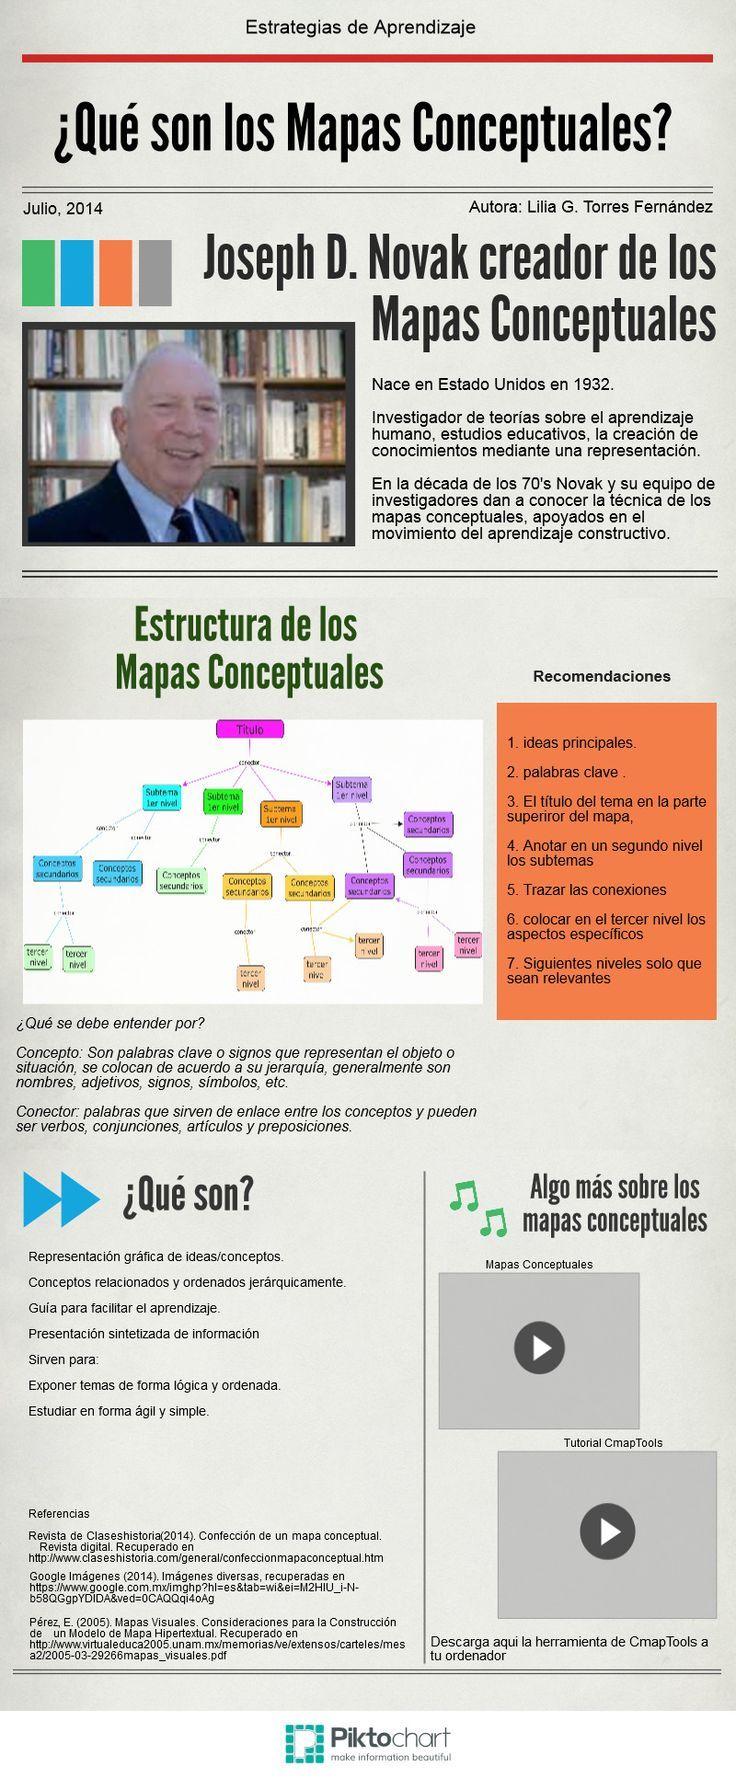 Mapas Conceptuales   @Piktochart Infographic: